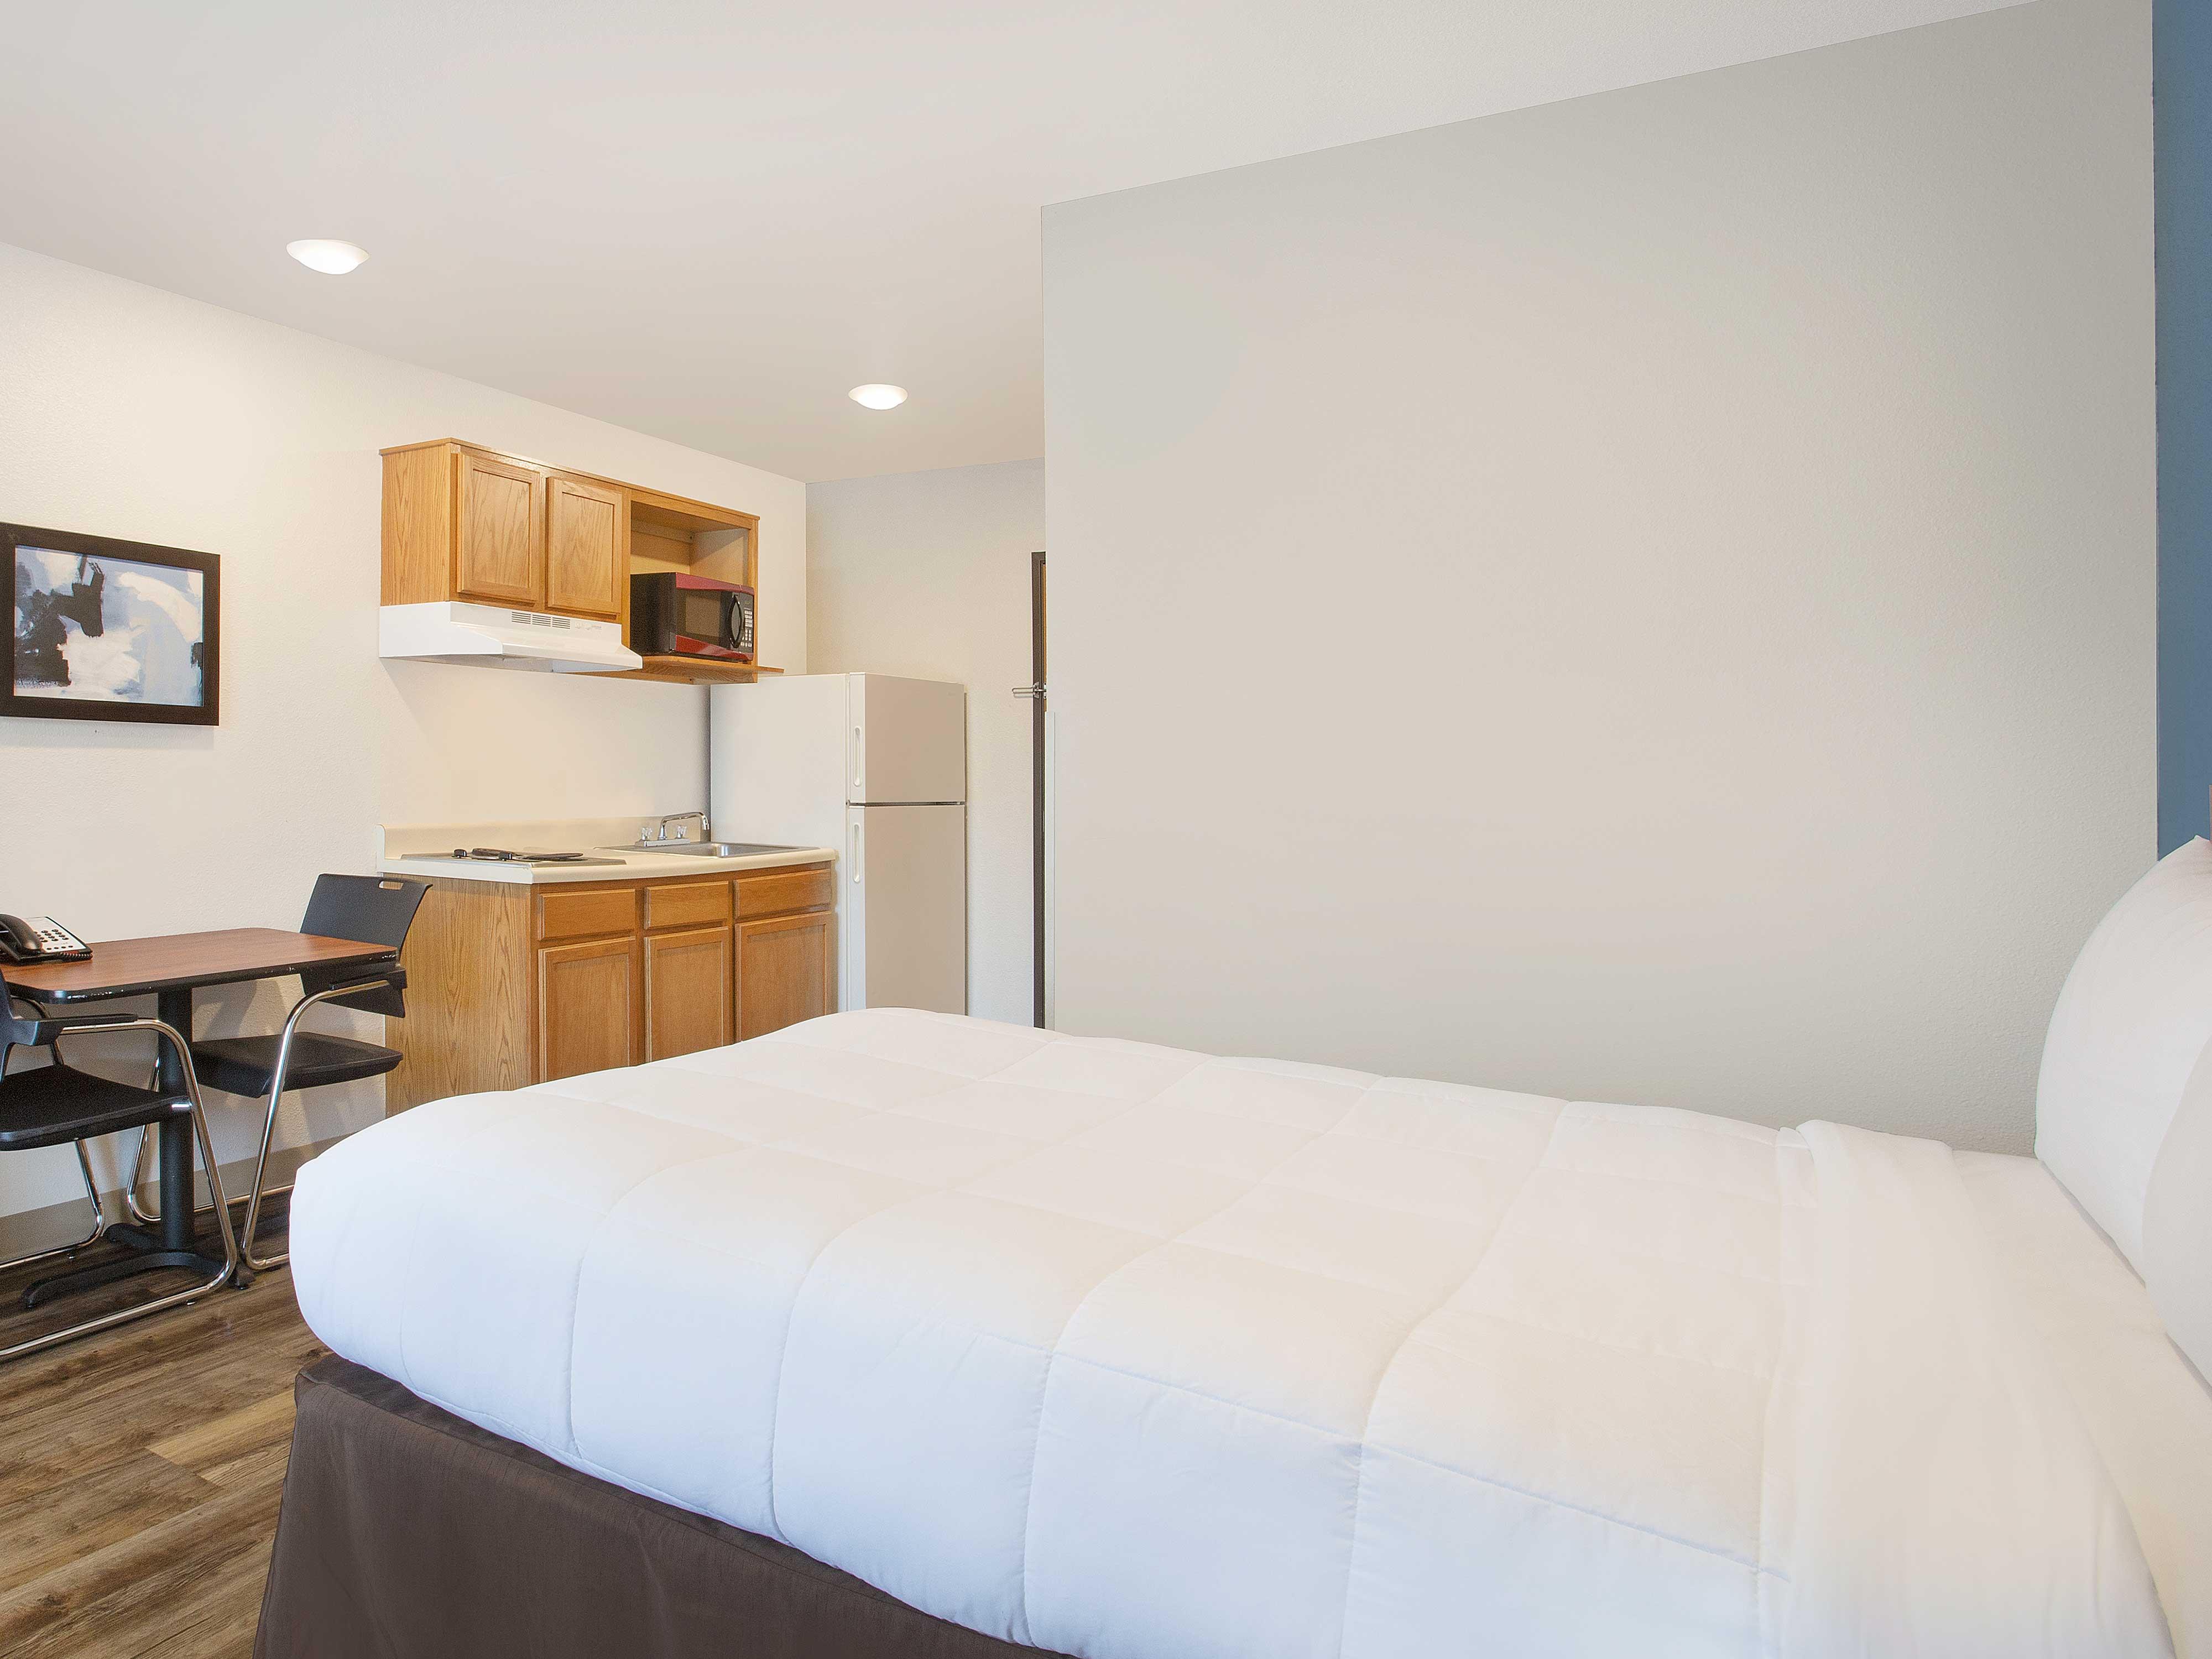 WoodSpring Suites Myrtle Beach